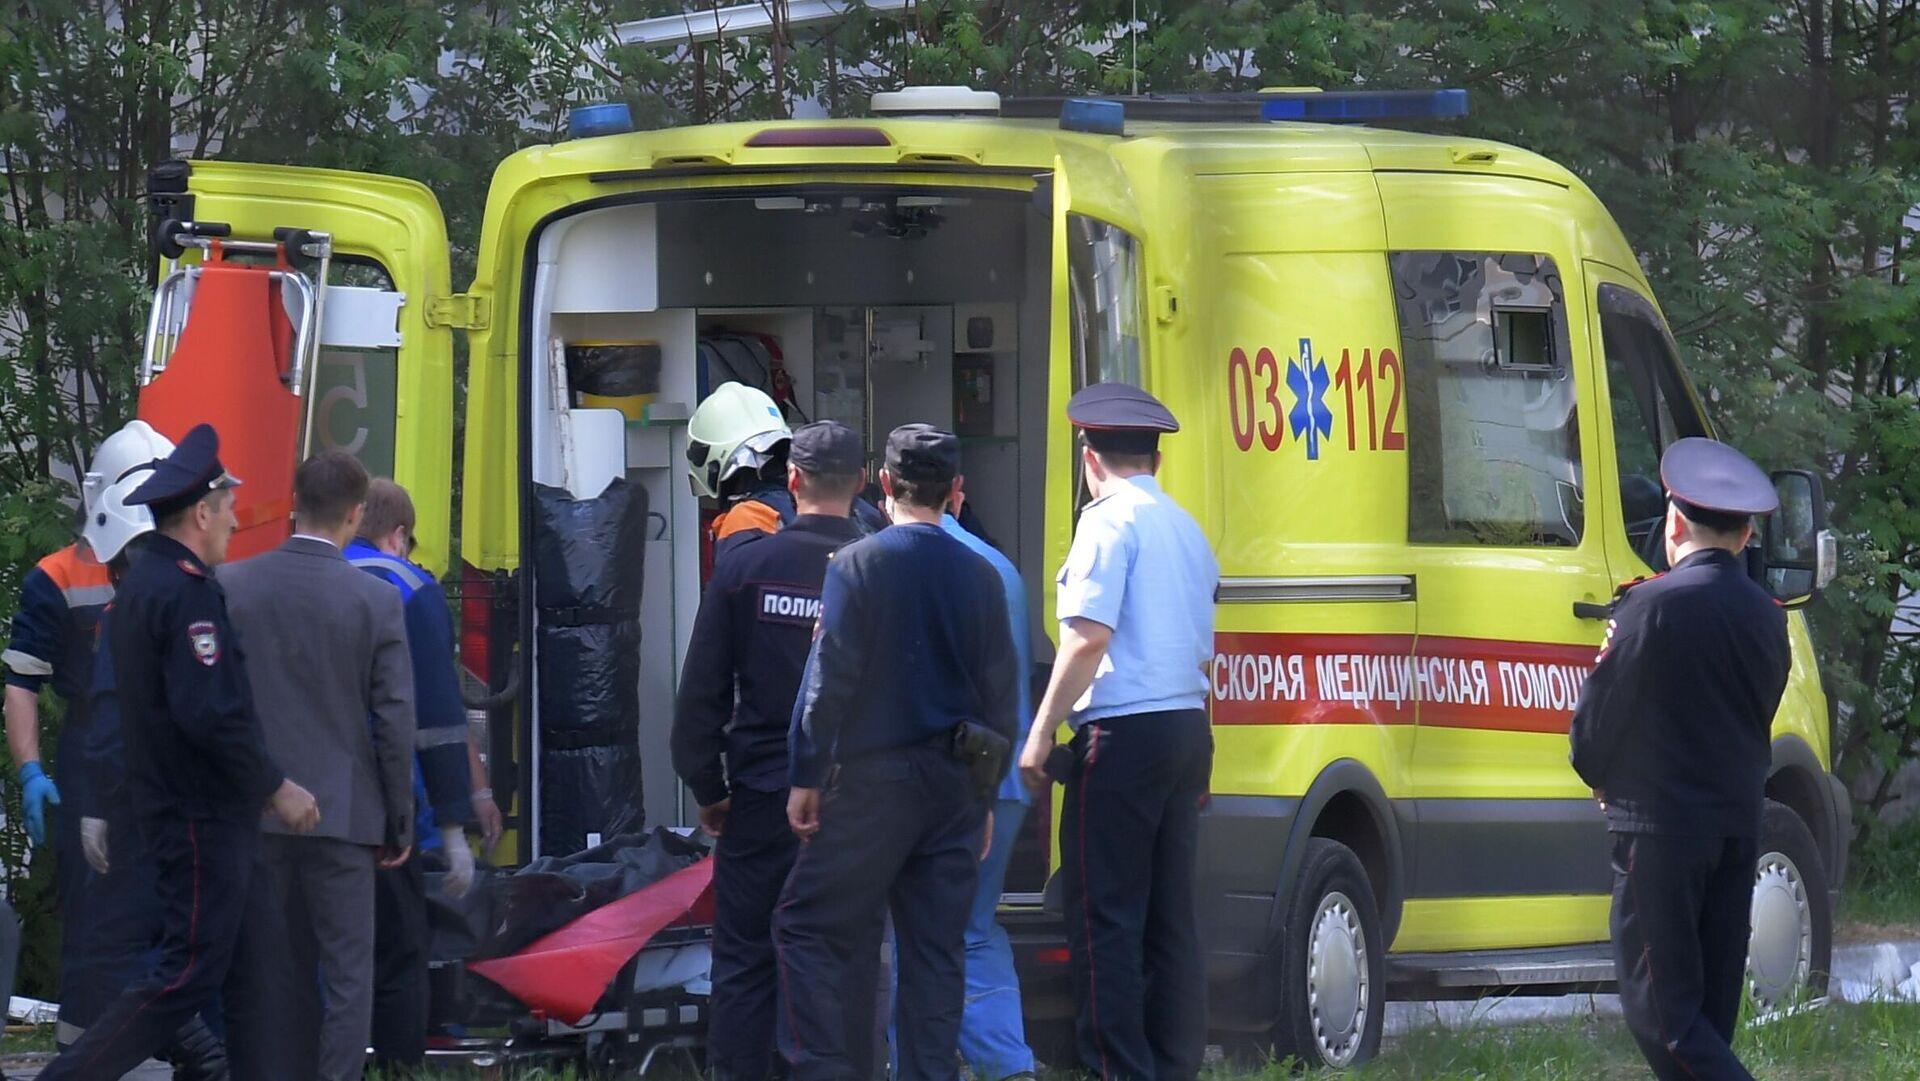 Una ambulancia cerca de la escuela en la ciudad rusa de Kazán donde tuvo lugar el tiroteo - Sputnik Mundo, 1920, 12.05.2021